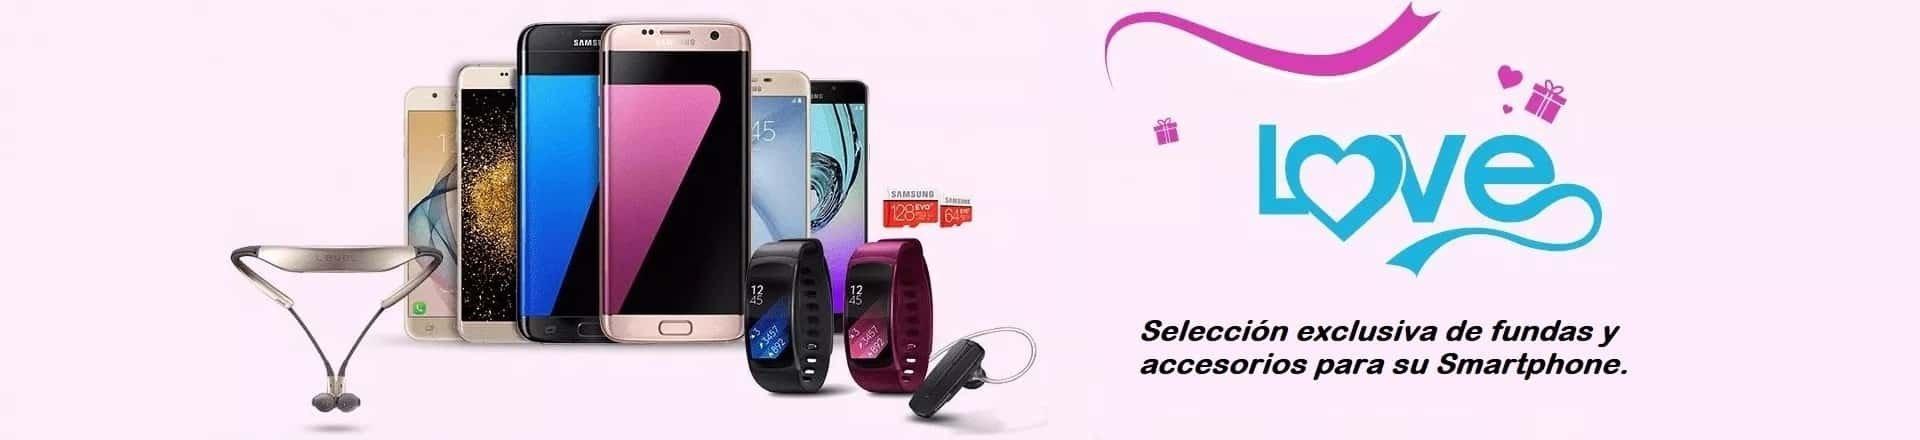 Accesorios y fundas para Smartphones e iPhones, Galaxy, Huawei, Xiaomi